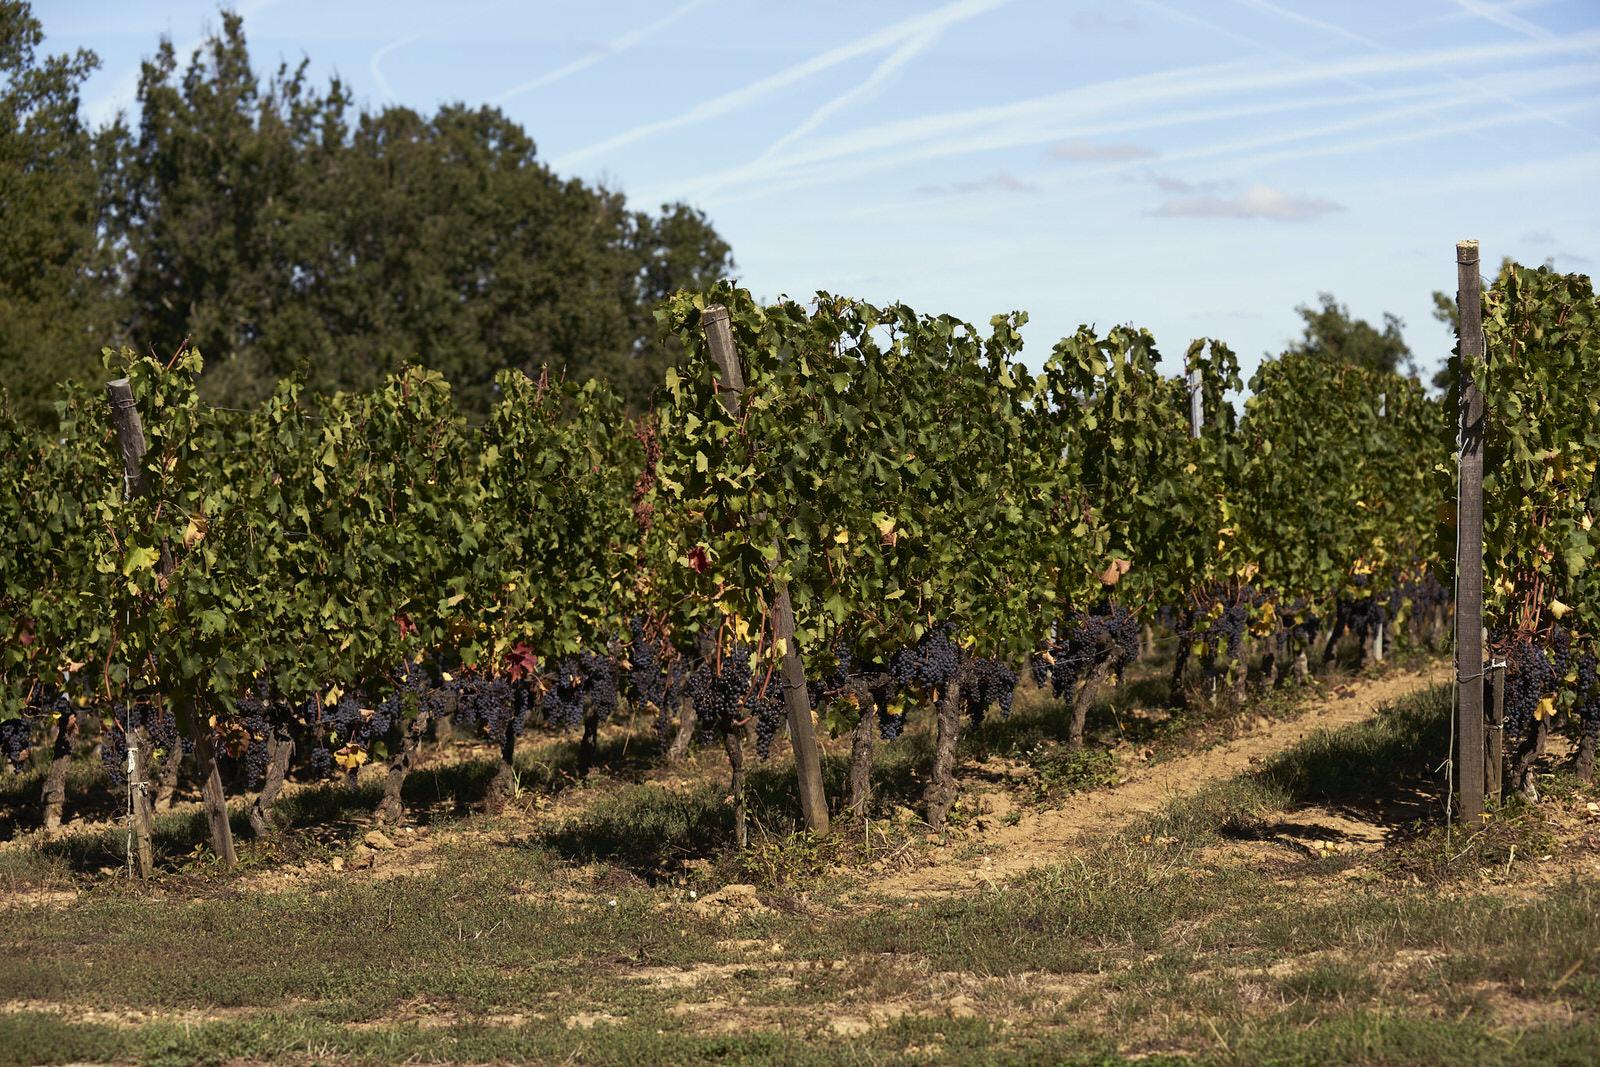 Photo de Vigne - Château - Reportage - Domaine viticole - Photographe professionnel - Thierry Pousset - Bordeaux - Gironde